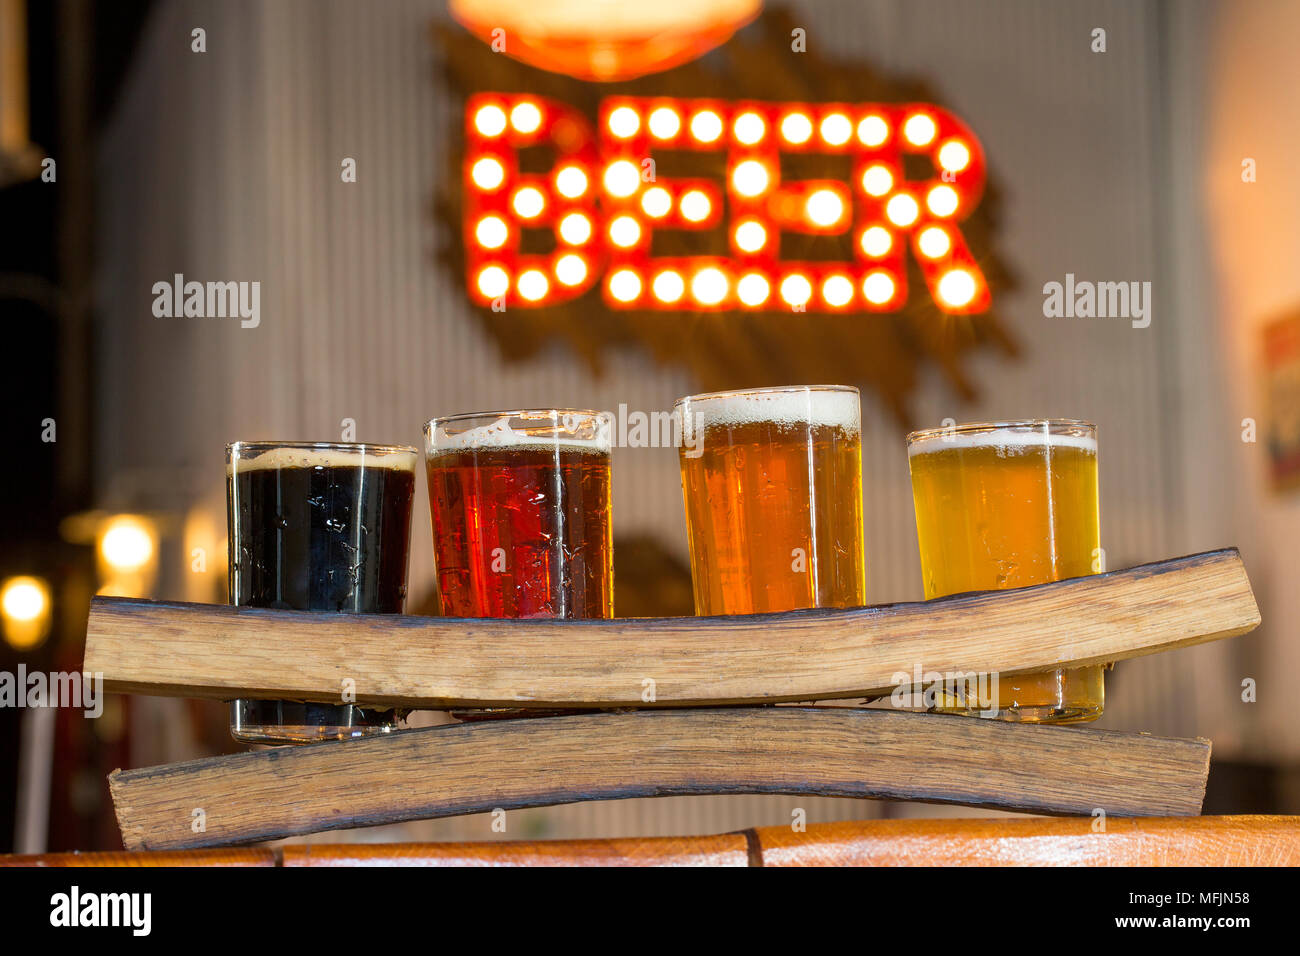 Un vol d'échantillonneur de bière dans une brasserie locale. Photo Stock